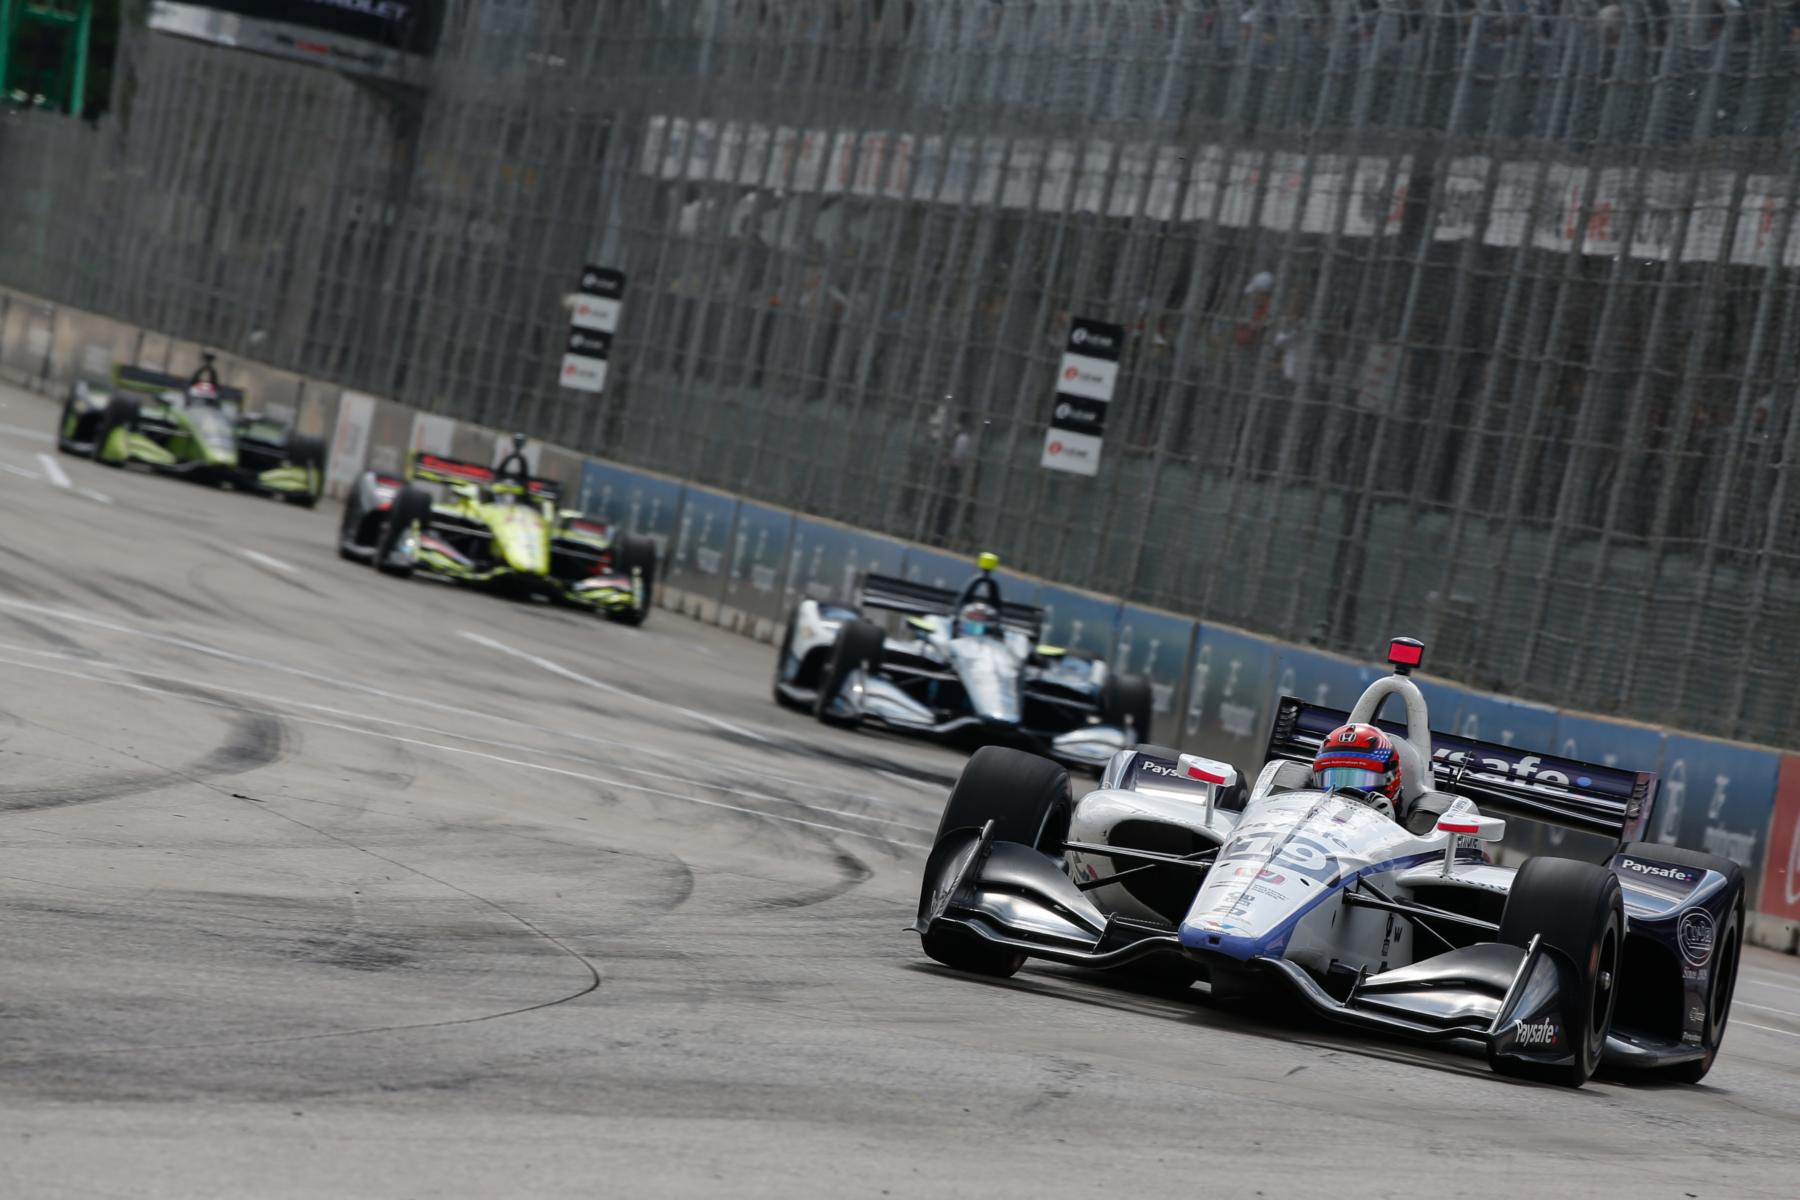 Satino Ferrucci - Indycar